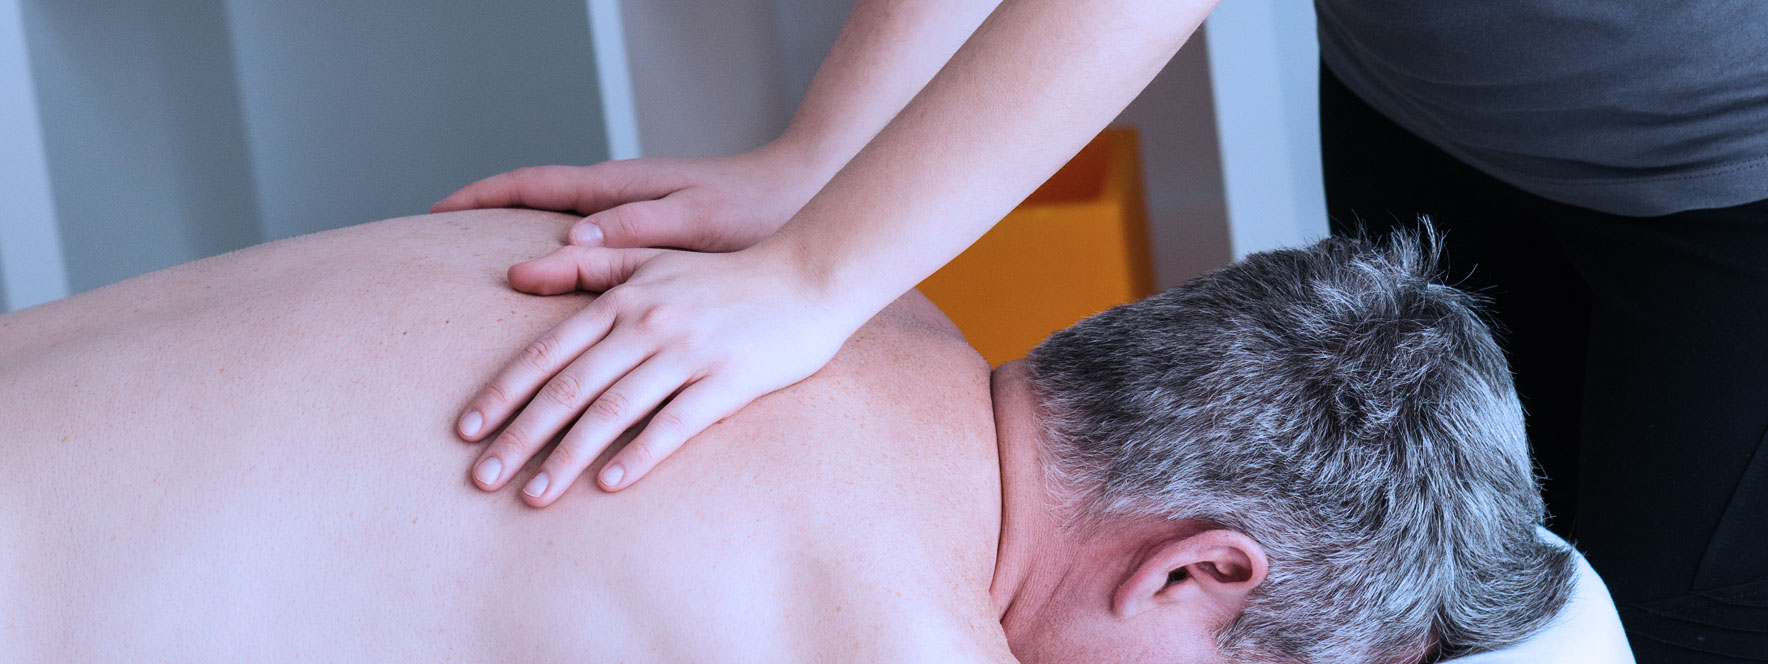 Massage californien soulage l'arthrite - Blogue du Réseau